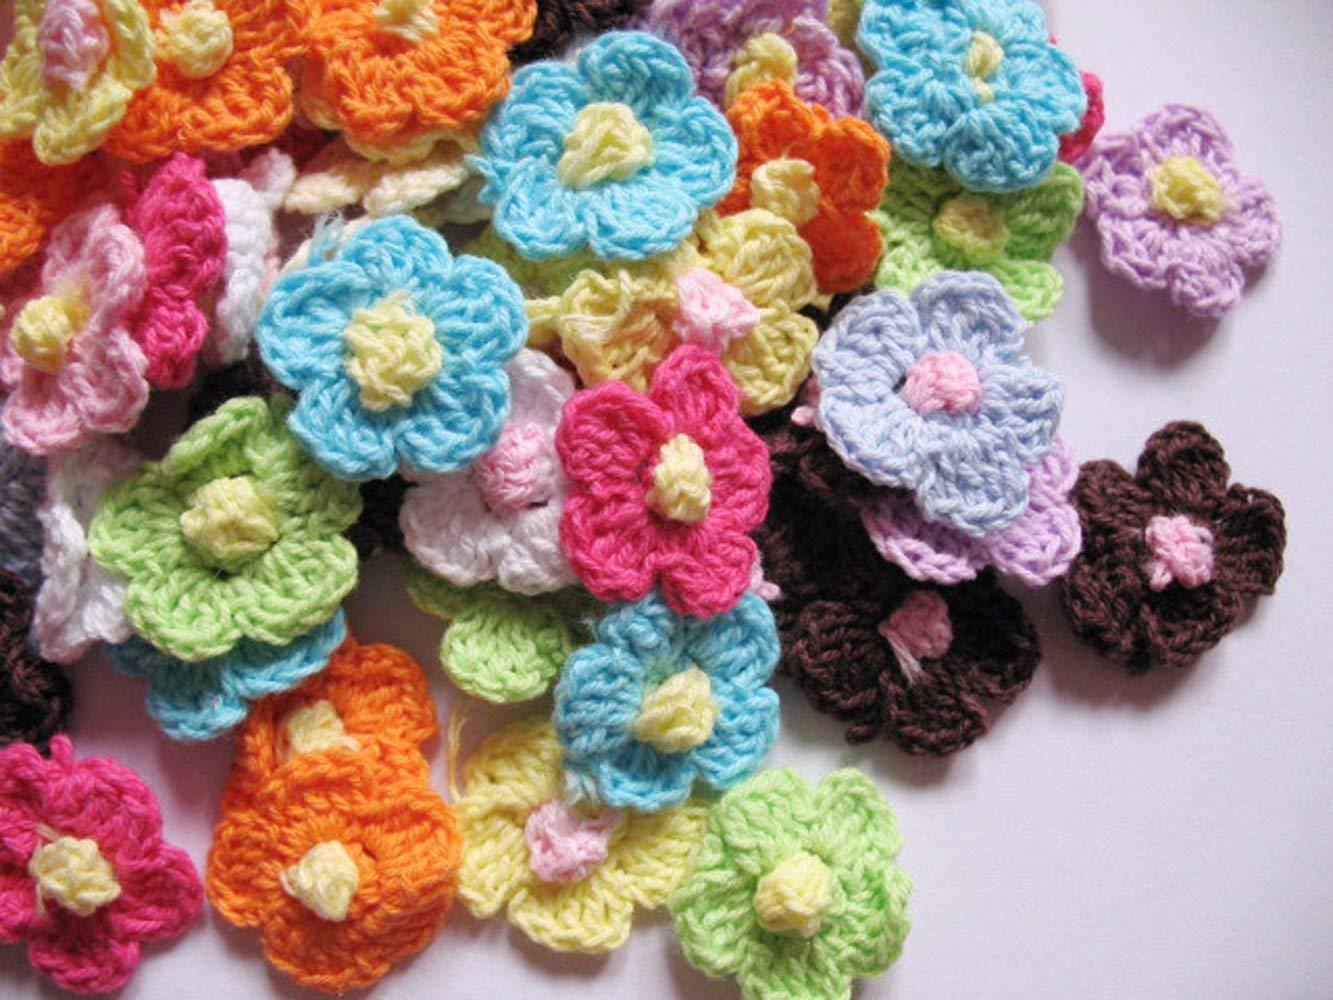 Juego de flores de ganchillo de primavera de gran calidad YYCRAFT